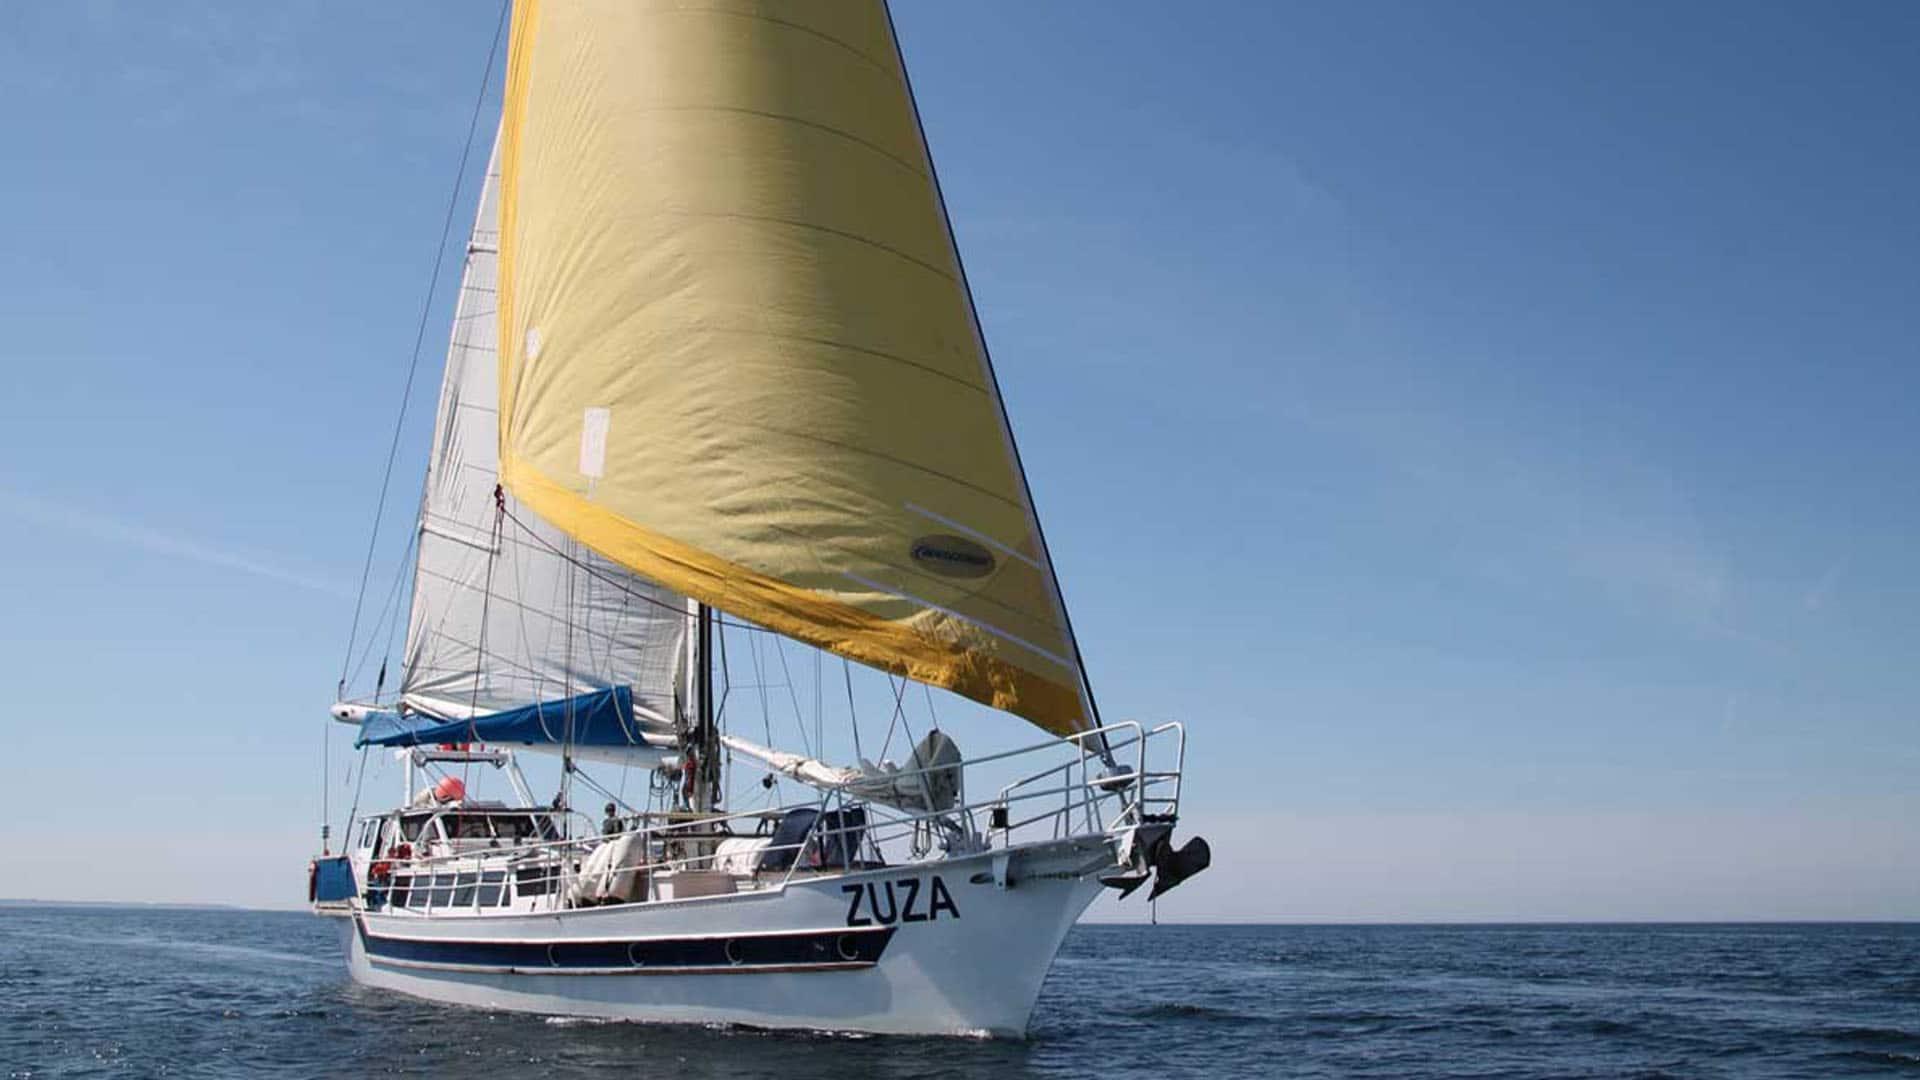 ZUZA full sails